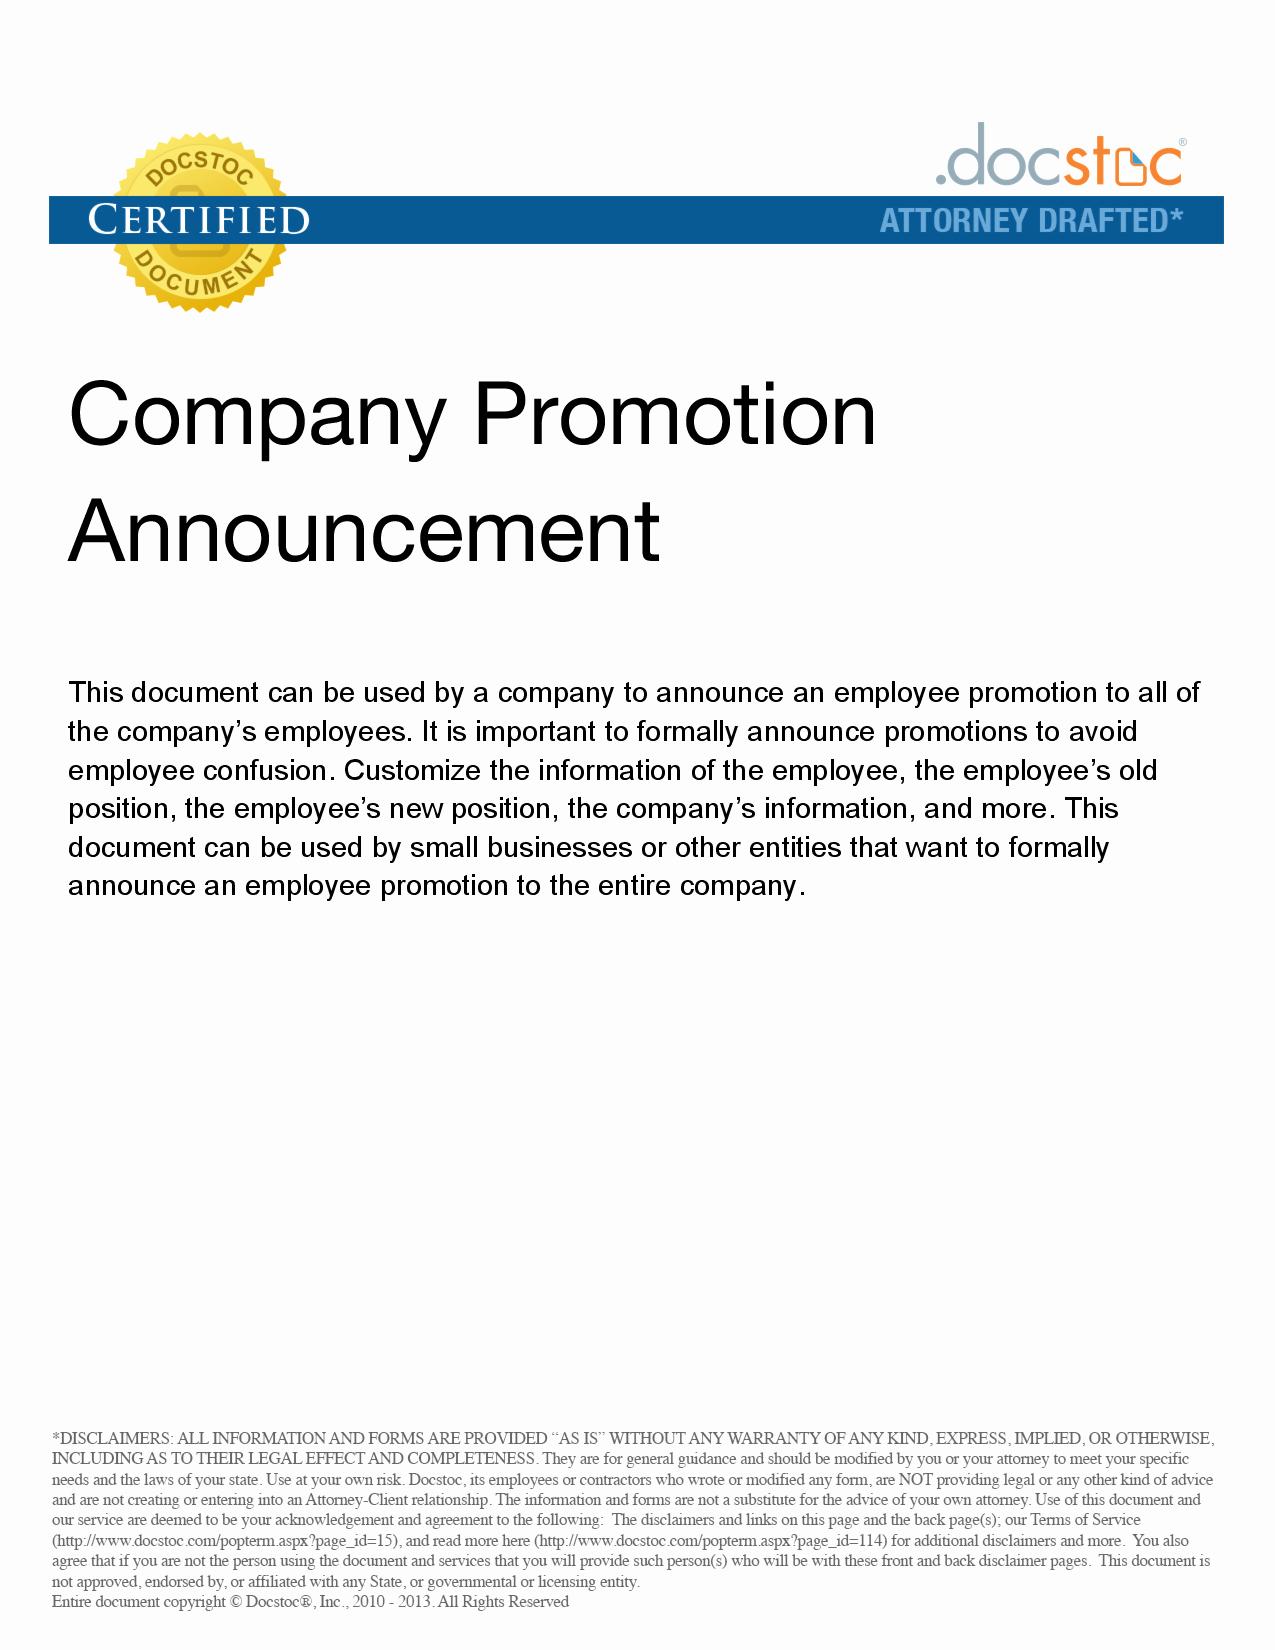 Promotion Announcement Template Elegant Best S Of Job Promotion Announcement Examples